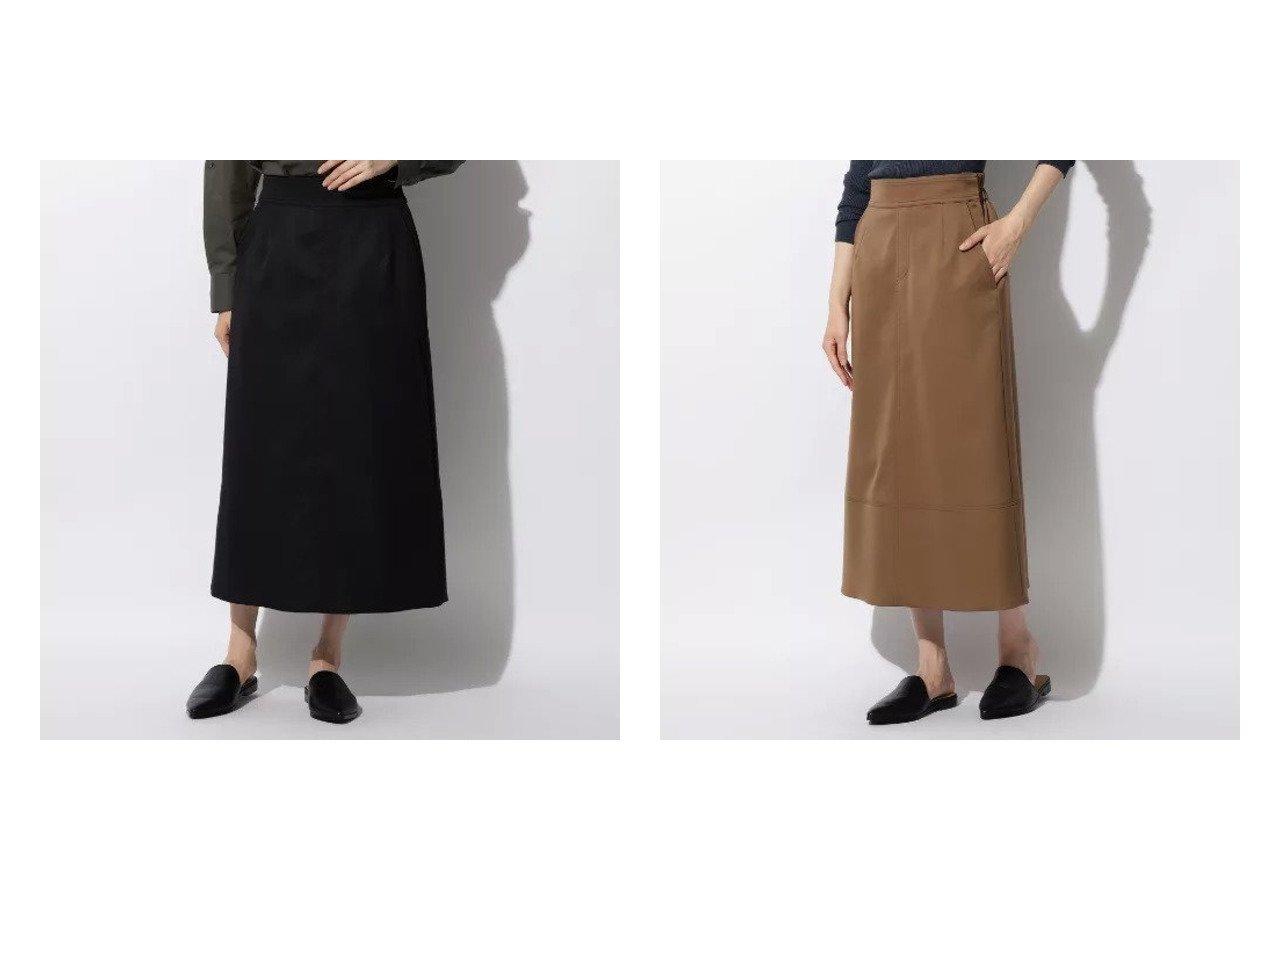 【S.ESSENTIALS/エス エッセンシャルズ】のAラインフレアスカート 【スカート】おすすめ!人気、トレンド・レディースファッションの通販 おすすめで人気の流行・トレンド、ファッションの通販商品 インテリア・家具・メンズファッション・キッズファッション・レディースファッション・服の通販 founy(ファニー) https://founy.com/ ファッション Fashion レディースファッション WOMEN スカート Skirt Aライン/フレアスカート Flared A-Line Skirts シンプル フレア フロント マキシ ロング |ID:crp329100000063741